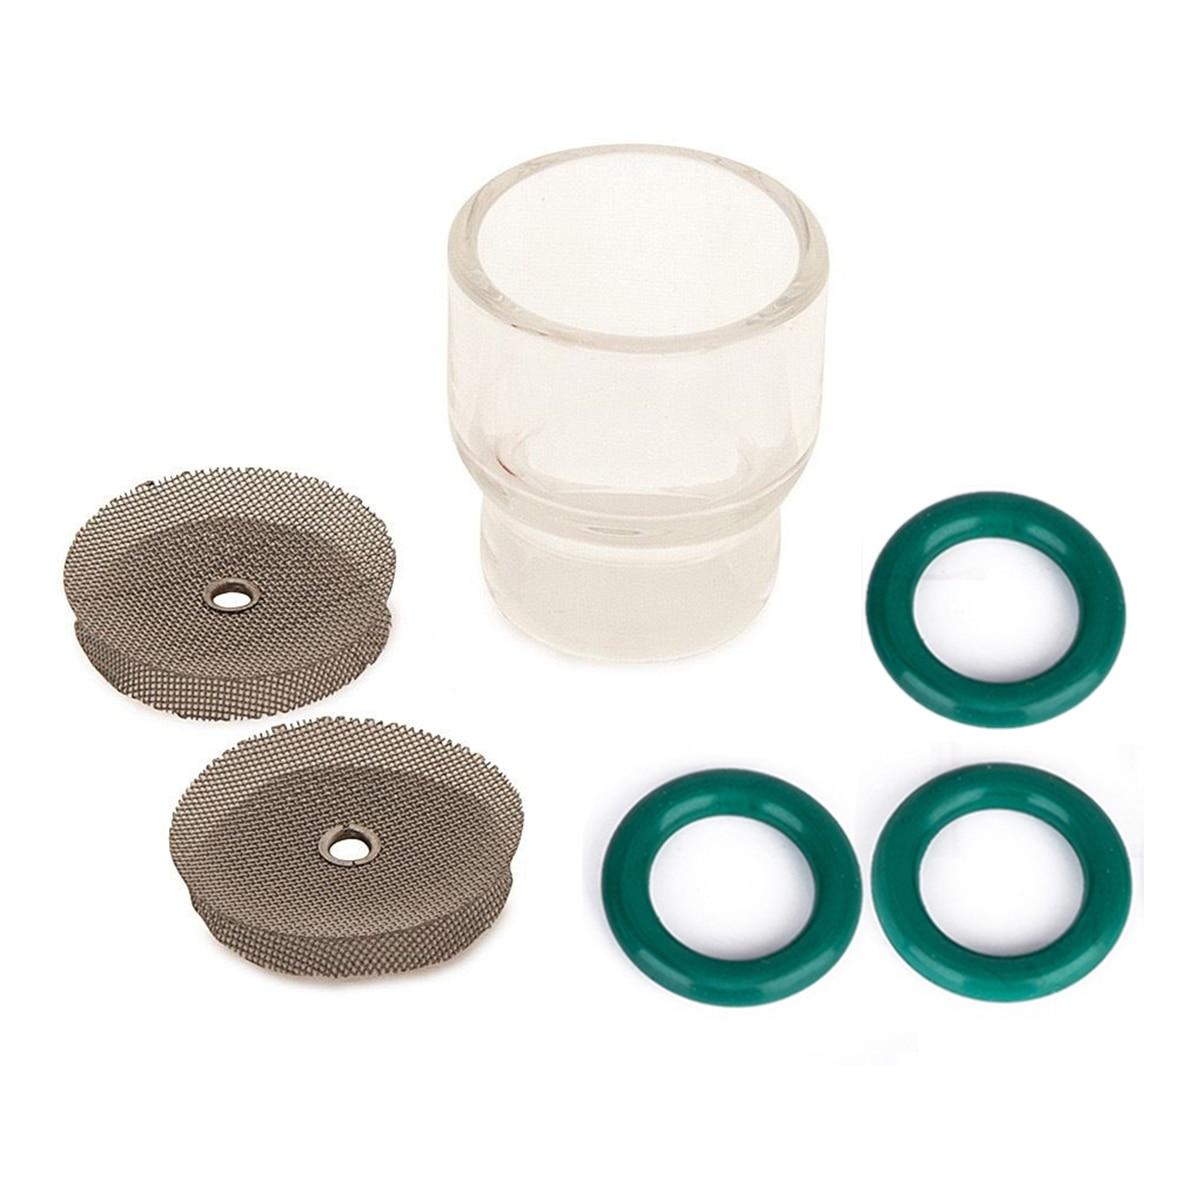 Schweißen & Löten Supplies Effizient 6 Teile/satz Pyrex Wig-schweißen Tasse Kit Filter Für Wp-9 & Wp-17 Gas Objektiv 1,6mm Und 2,4mm #12 Größe Tasse Mayitr Wig-schweißen Kit